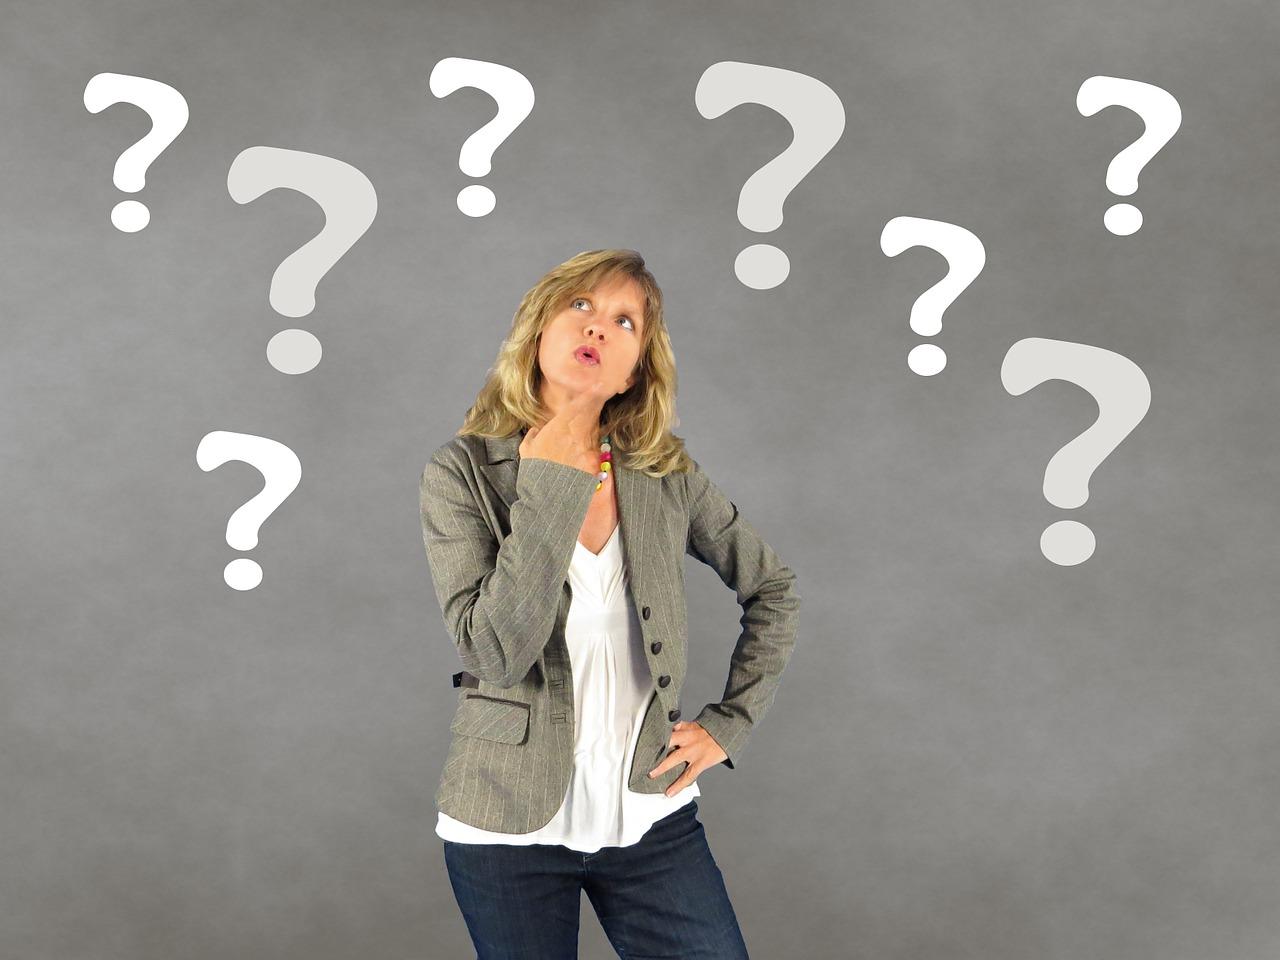 生保・総合職の離職率は高い?低い?現役生保マンが語る業界の裏側